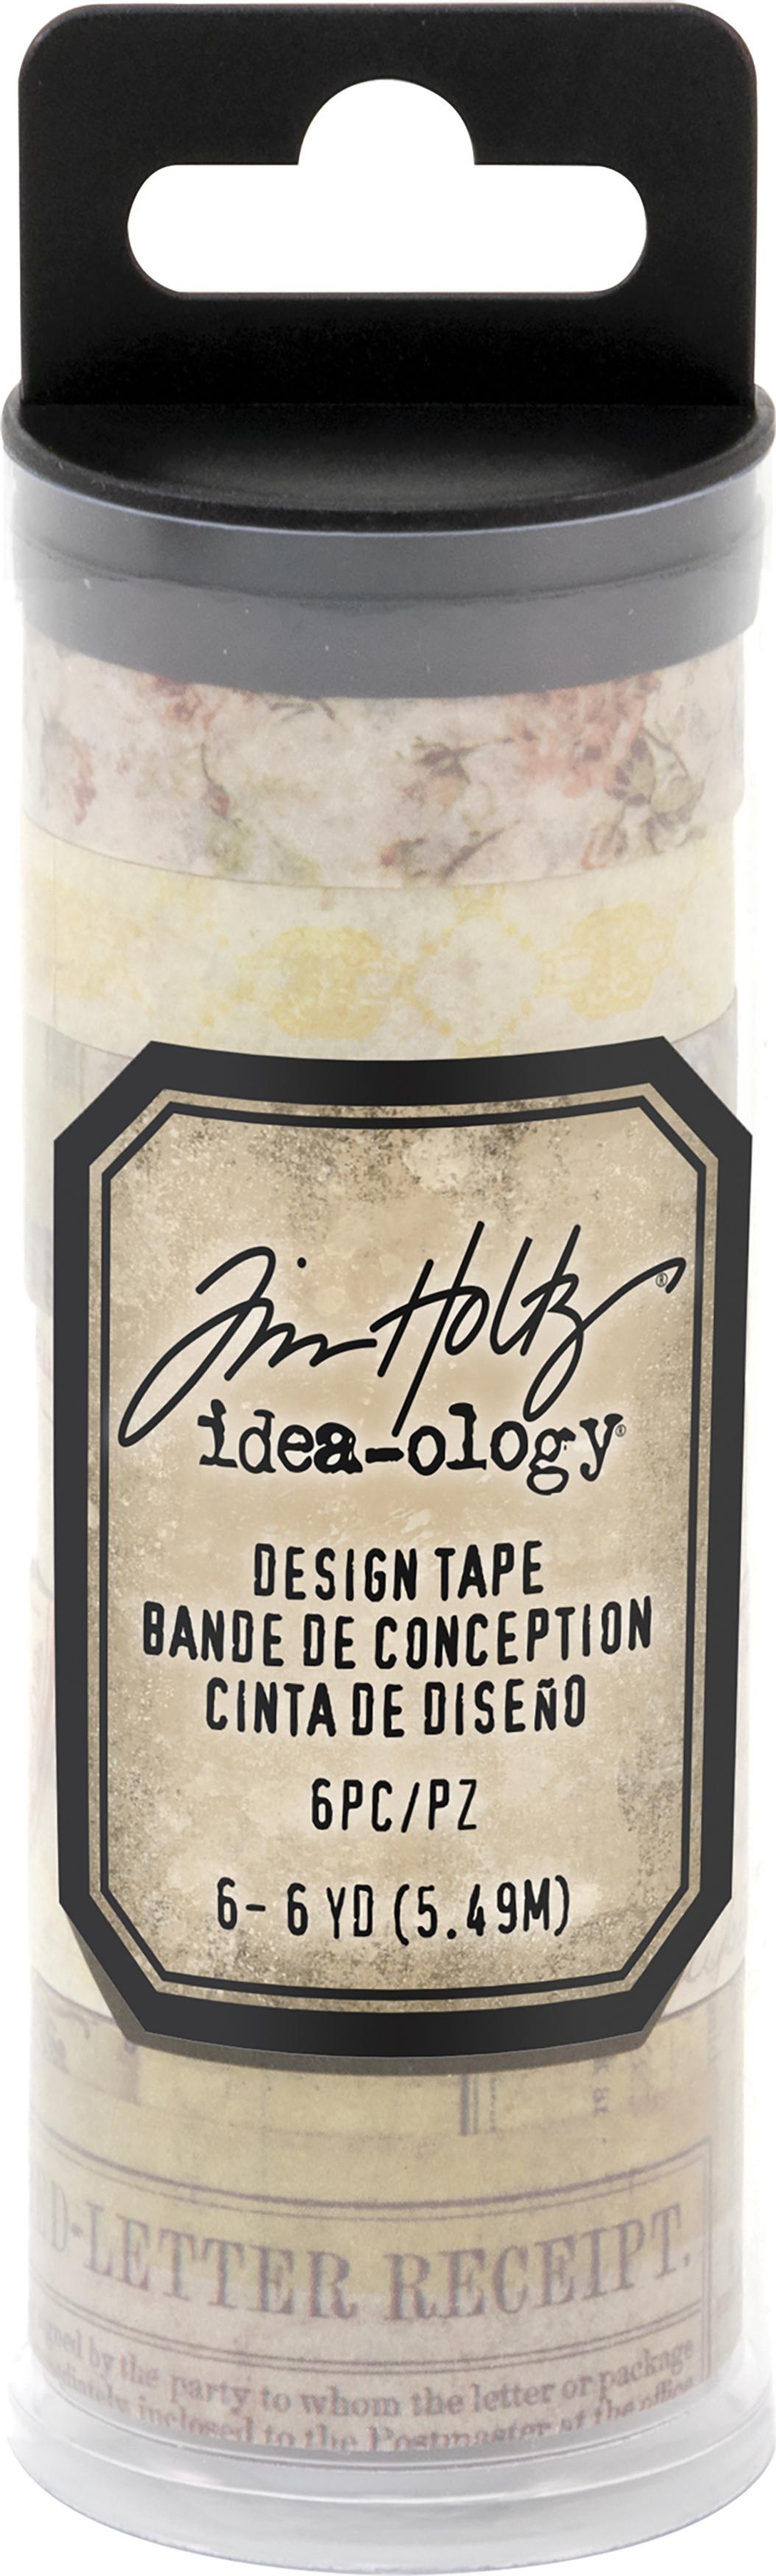 Design Tape - Remnants